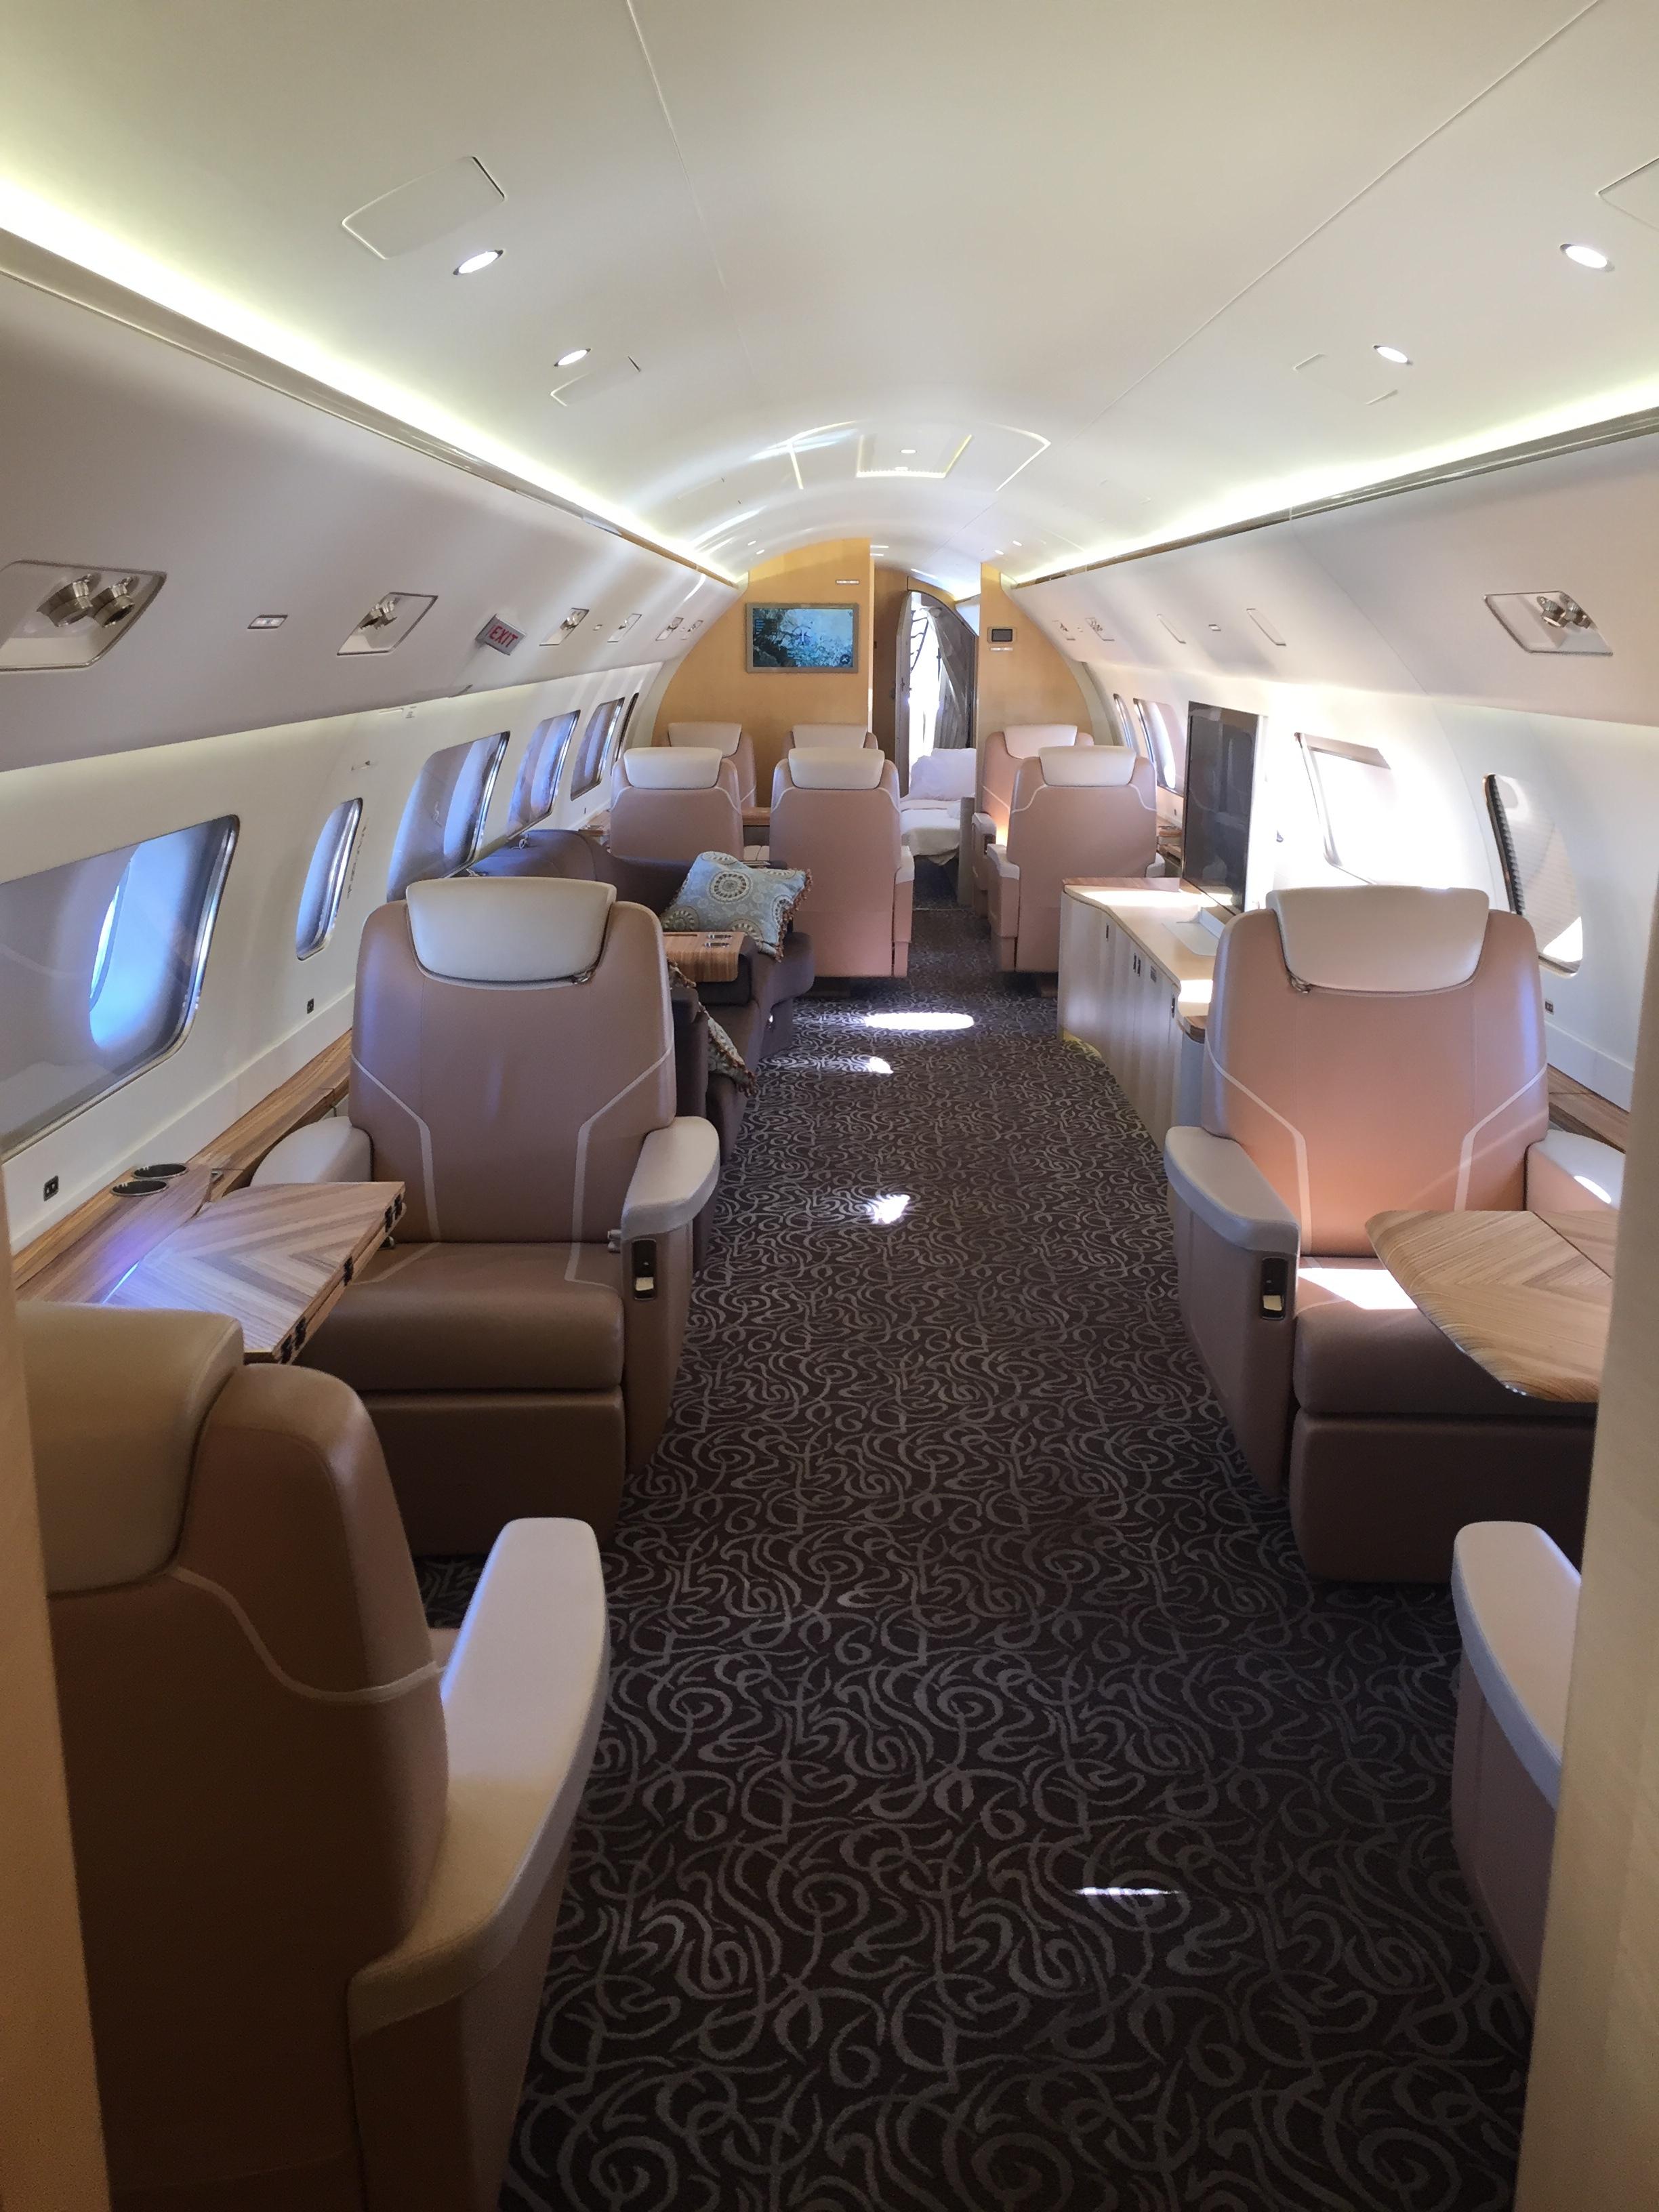 Lineage 1000 VIP interior